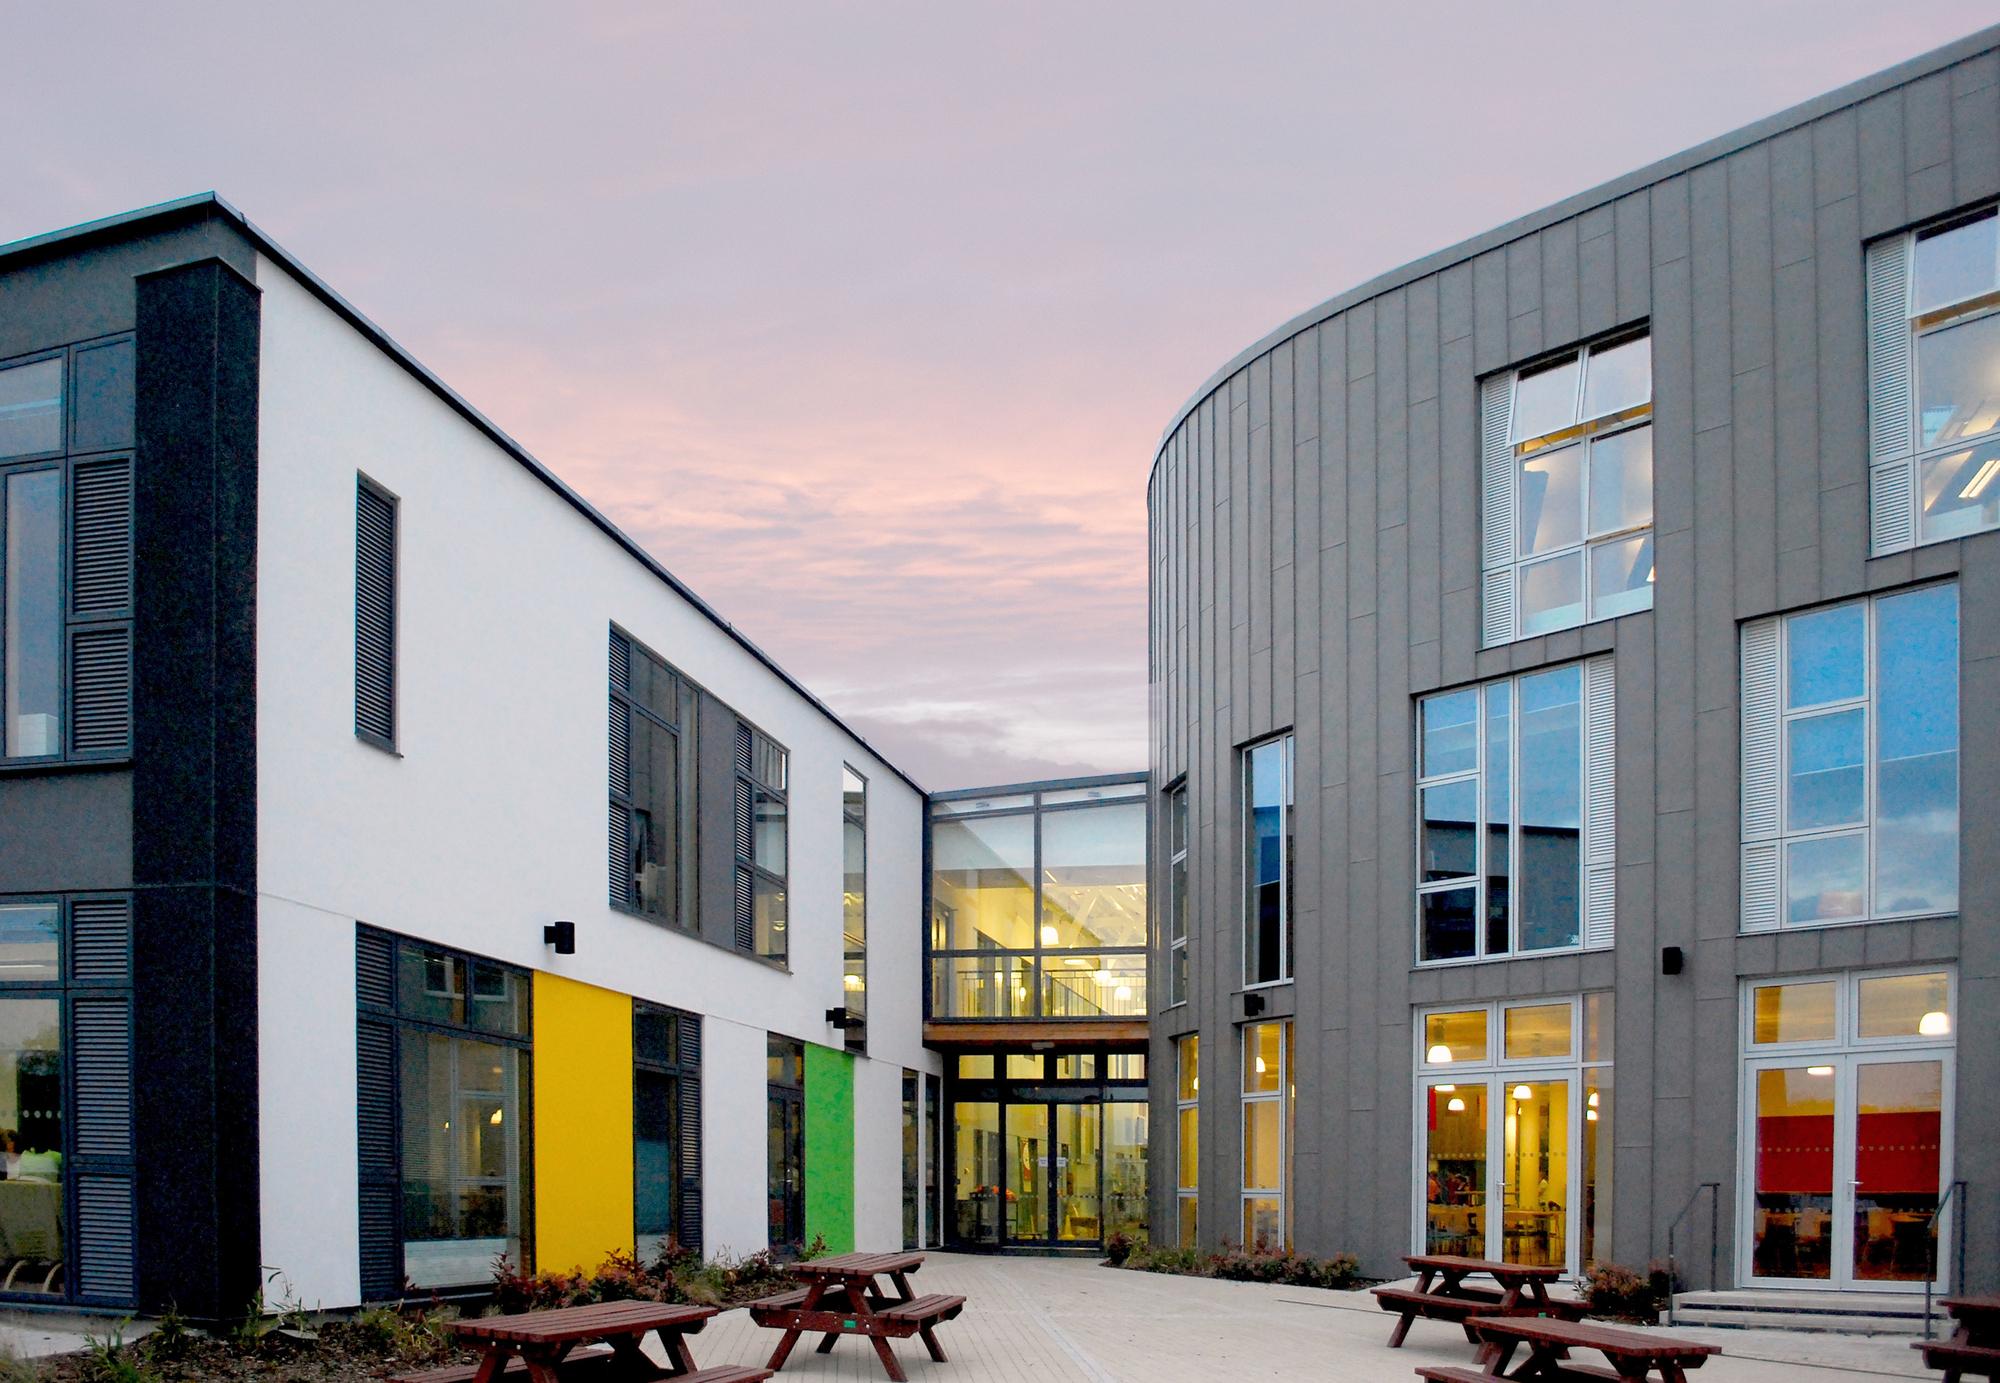 Escola St John's de Marlborough / Re-Format LLP, © Morley von Sternberg